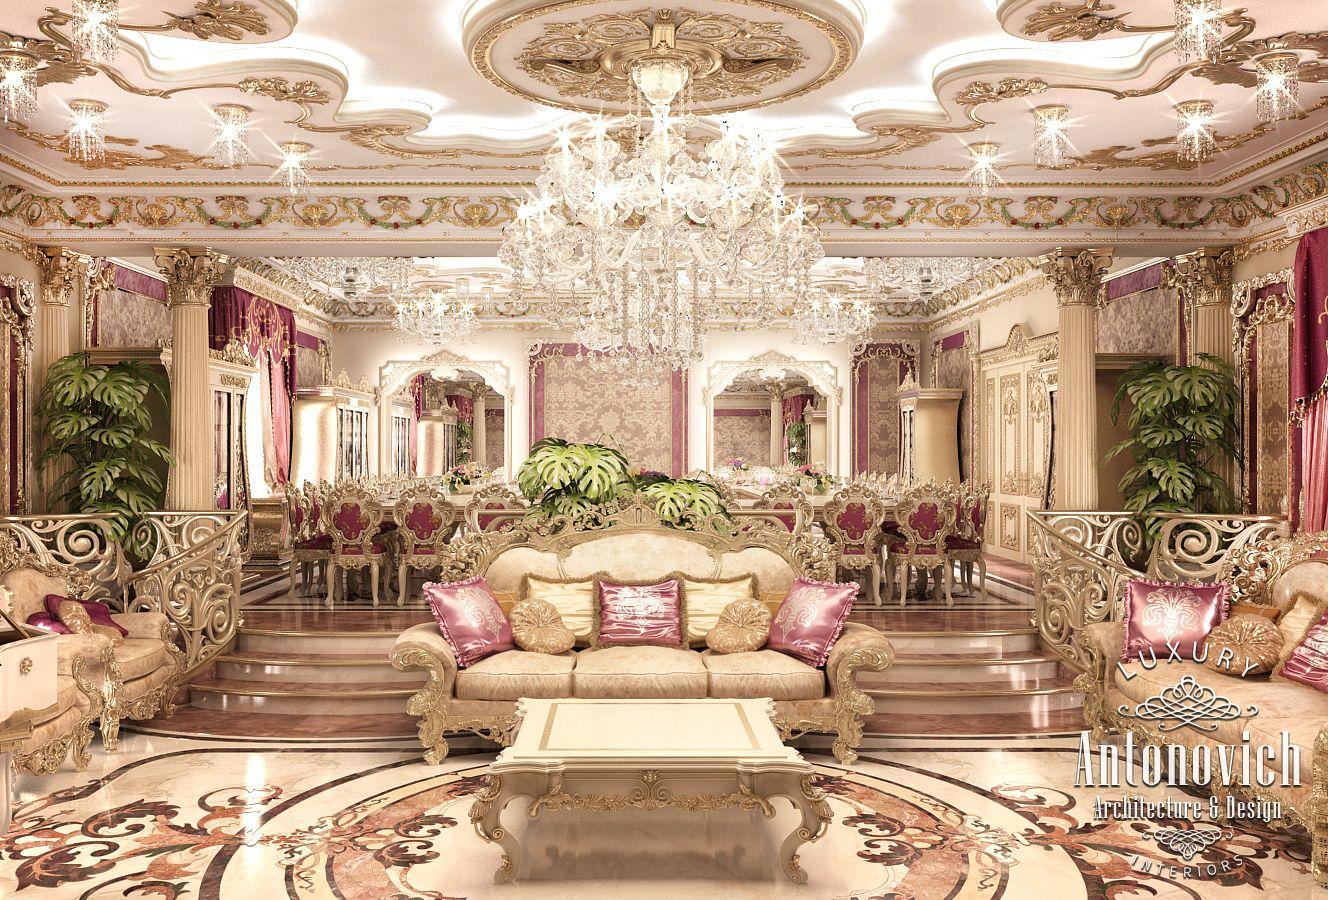 Luxury antonovich design uae 2015 for Villa interior design photos dubai